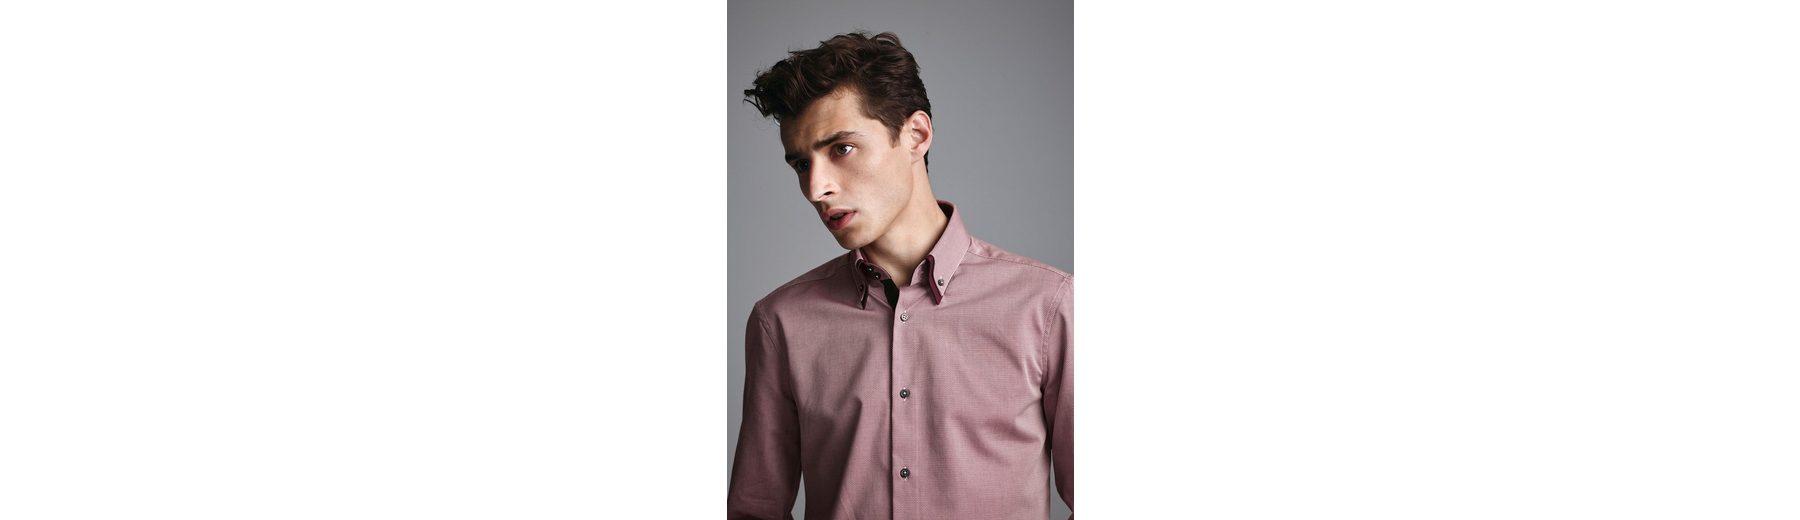 Günstig Kaufen Preise Schnelle Lieferung Verkauf Online Next Hemd mit Doppelkragen BAPPn